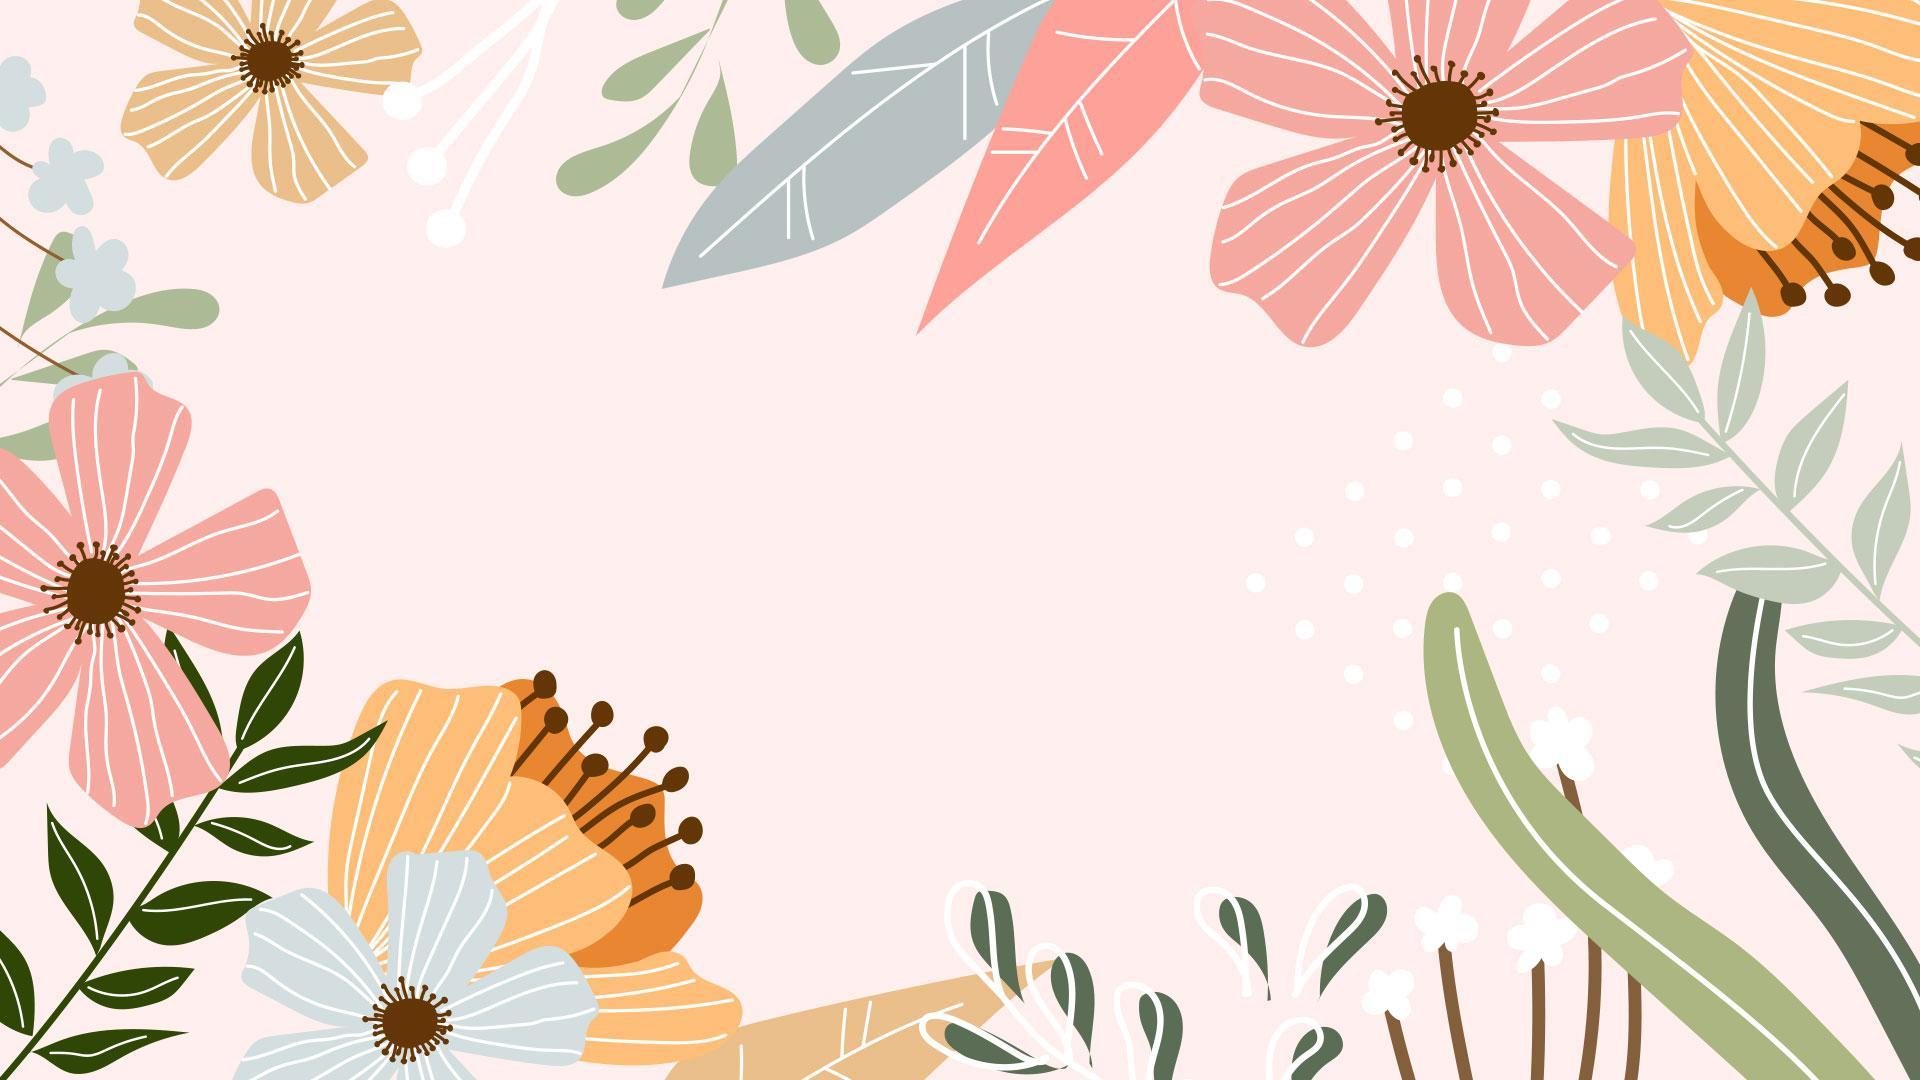 Grafik mit bunten Blumen als Hintergrundbild für Desktop